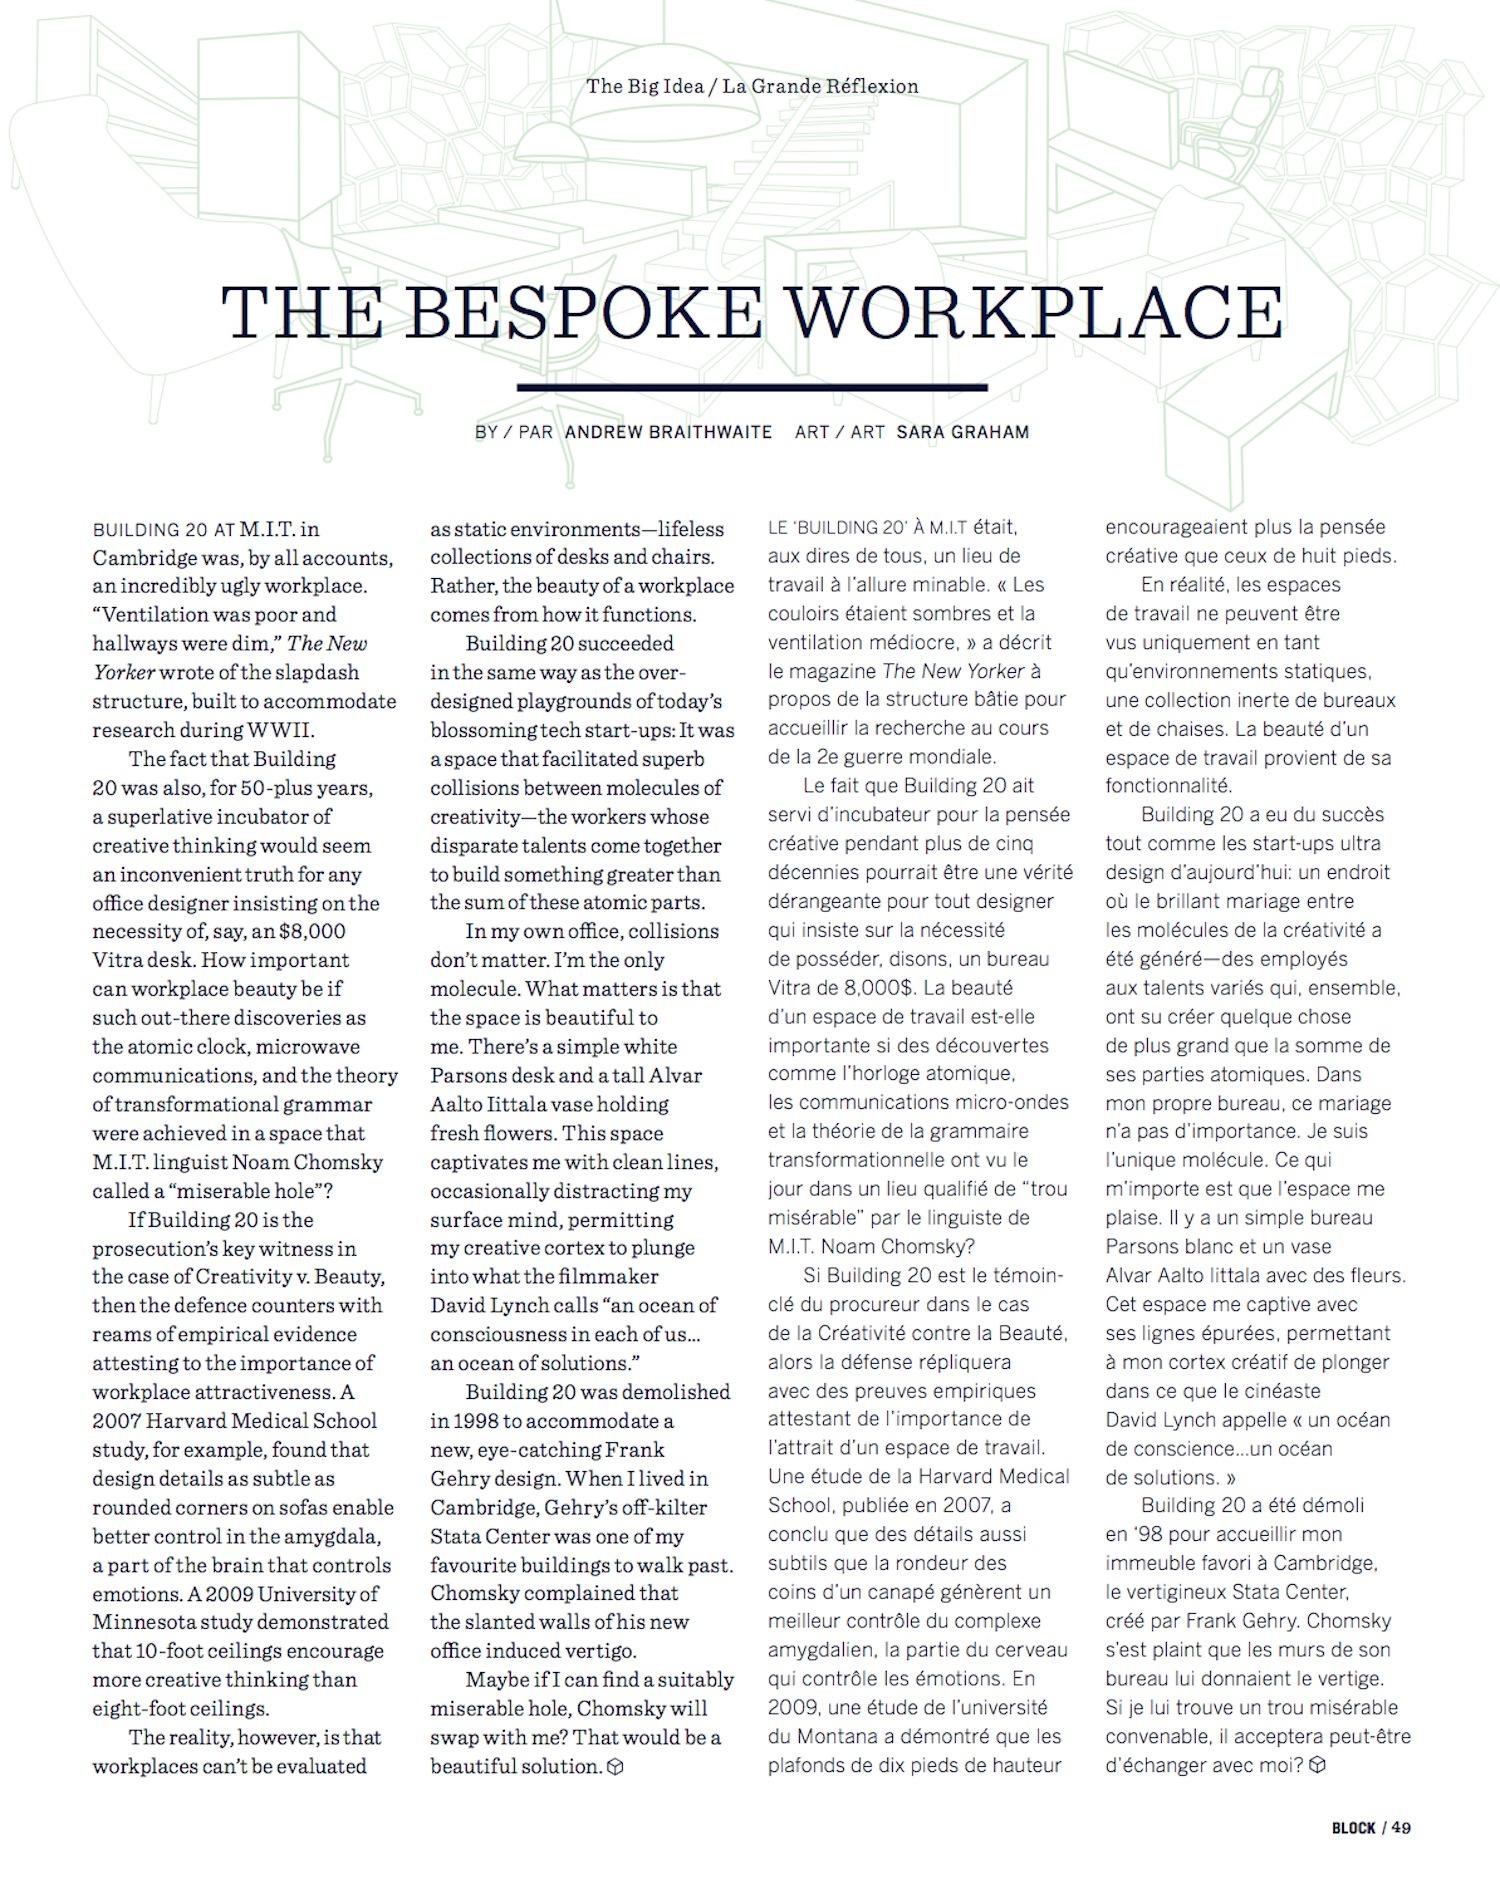 The Bespoke Workplace // Block // 2013 // pdf